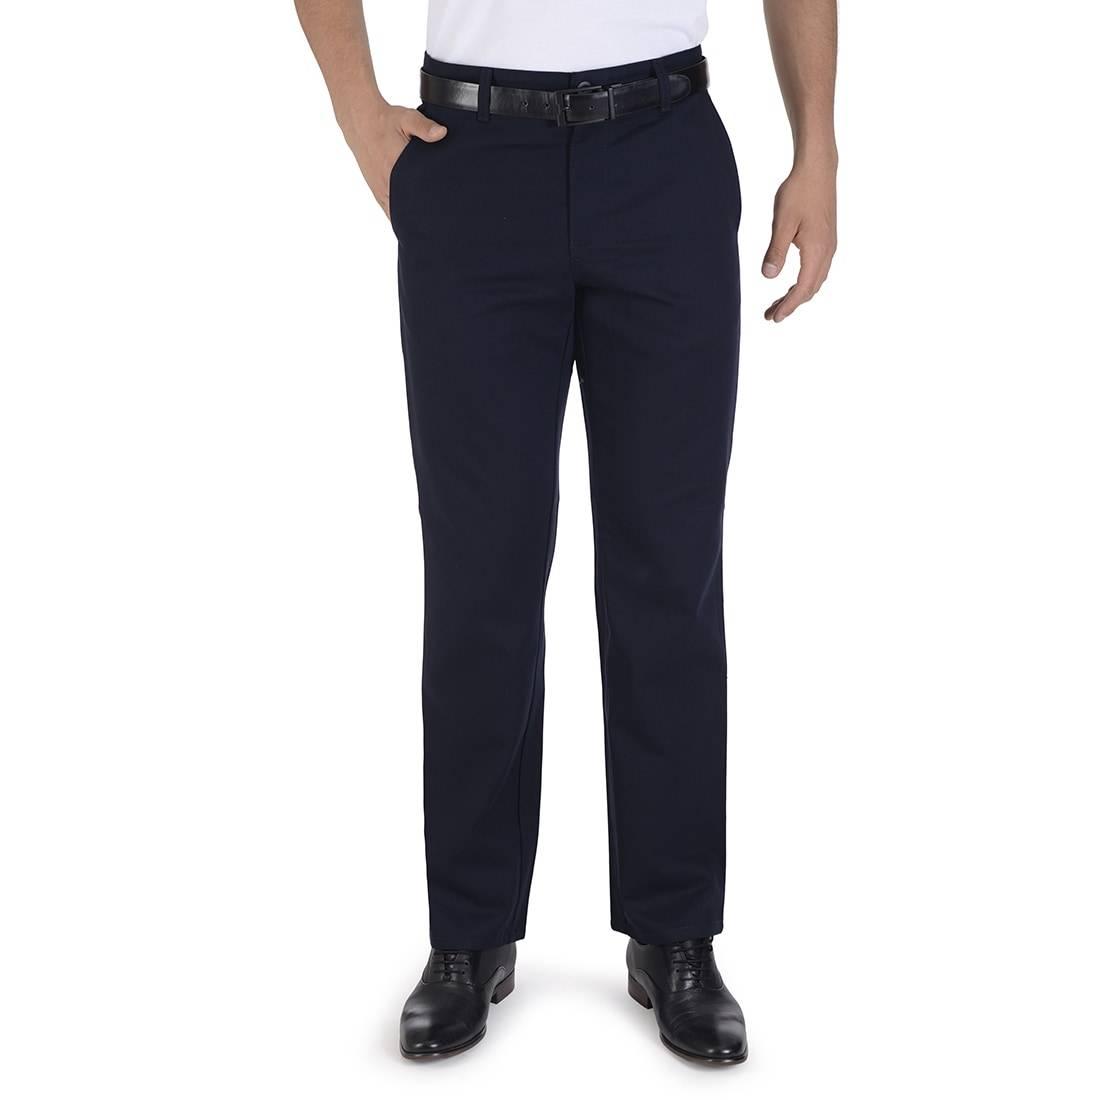 010789055219-01-Pantalon-Casual-Classic-Fit-Marino-yale